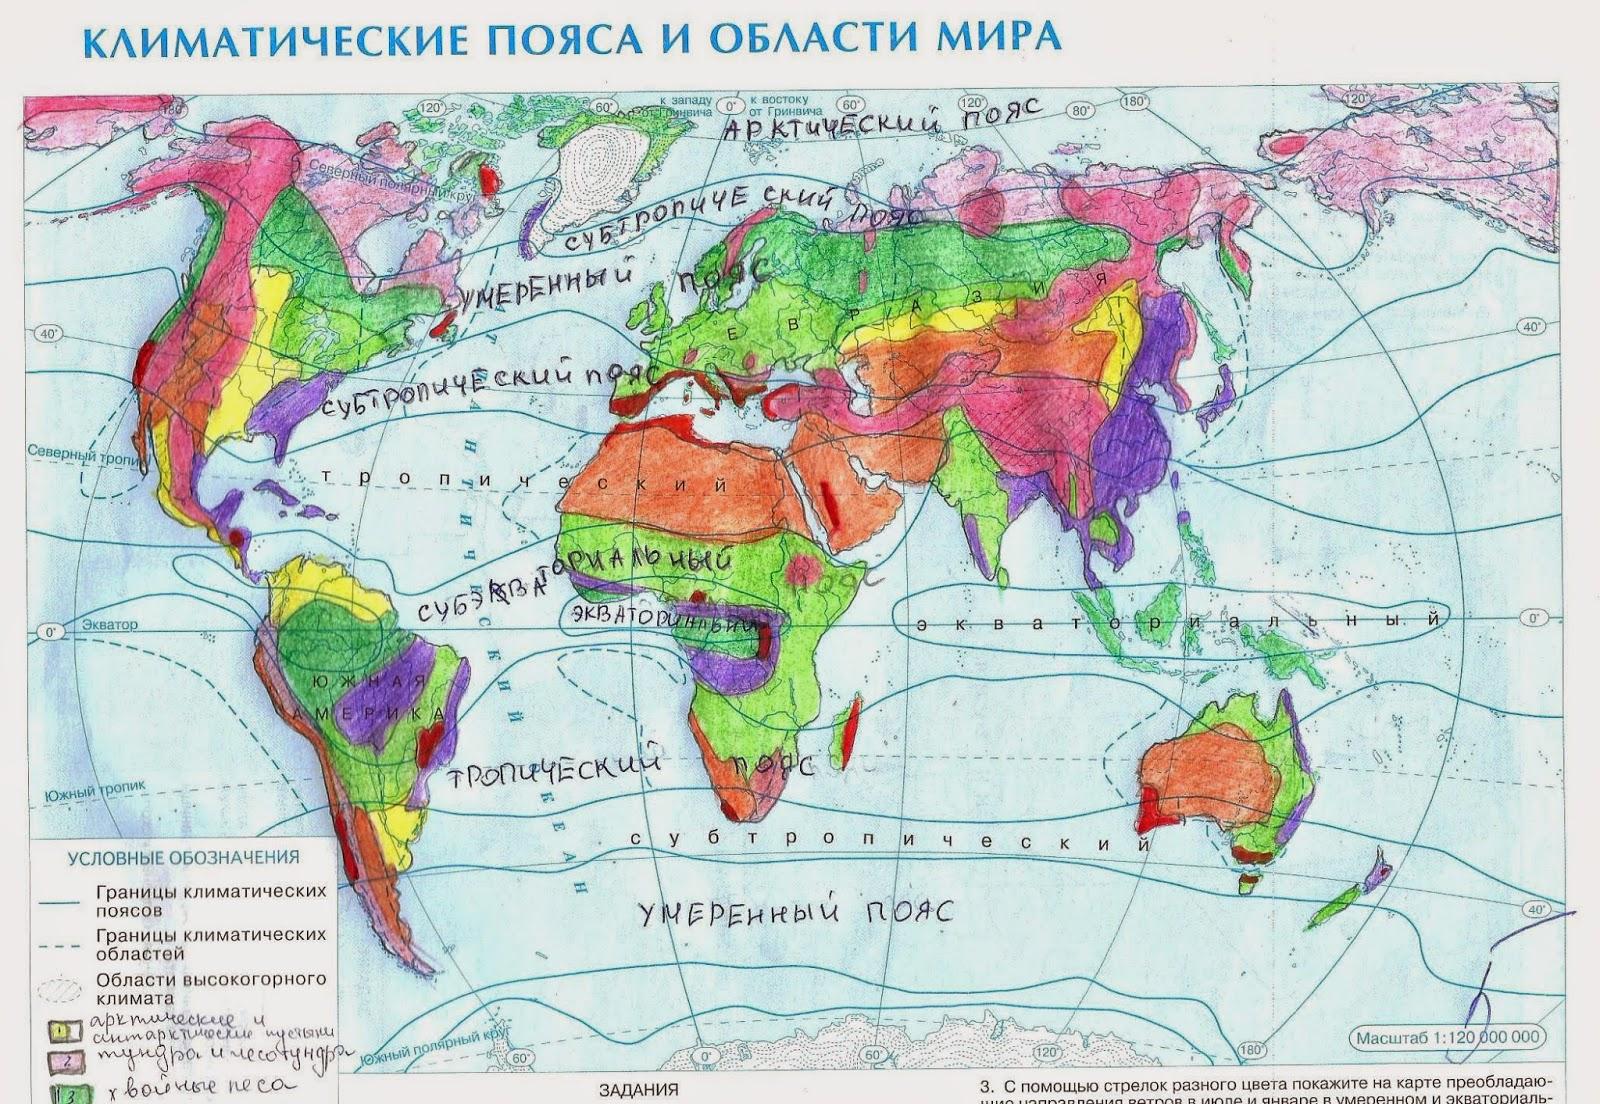 Гдз география 7 класс контурные карты природные зоны